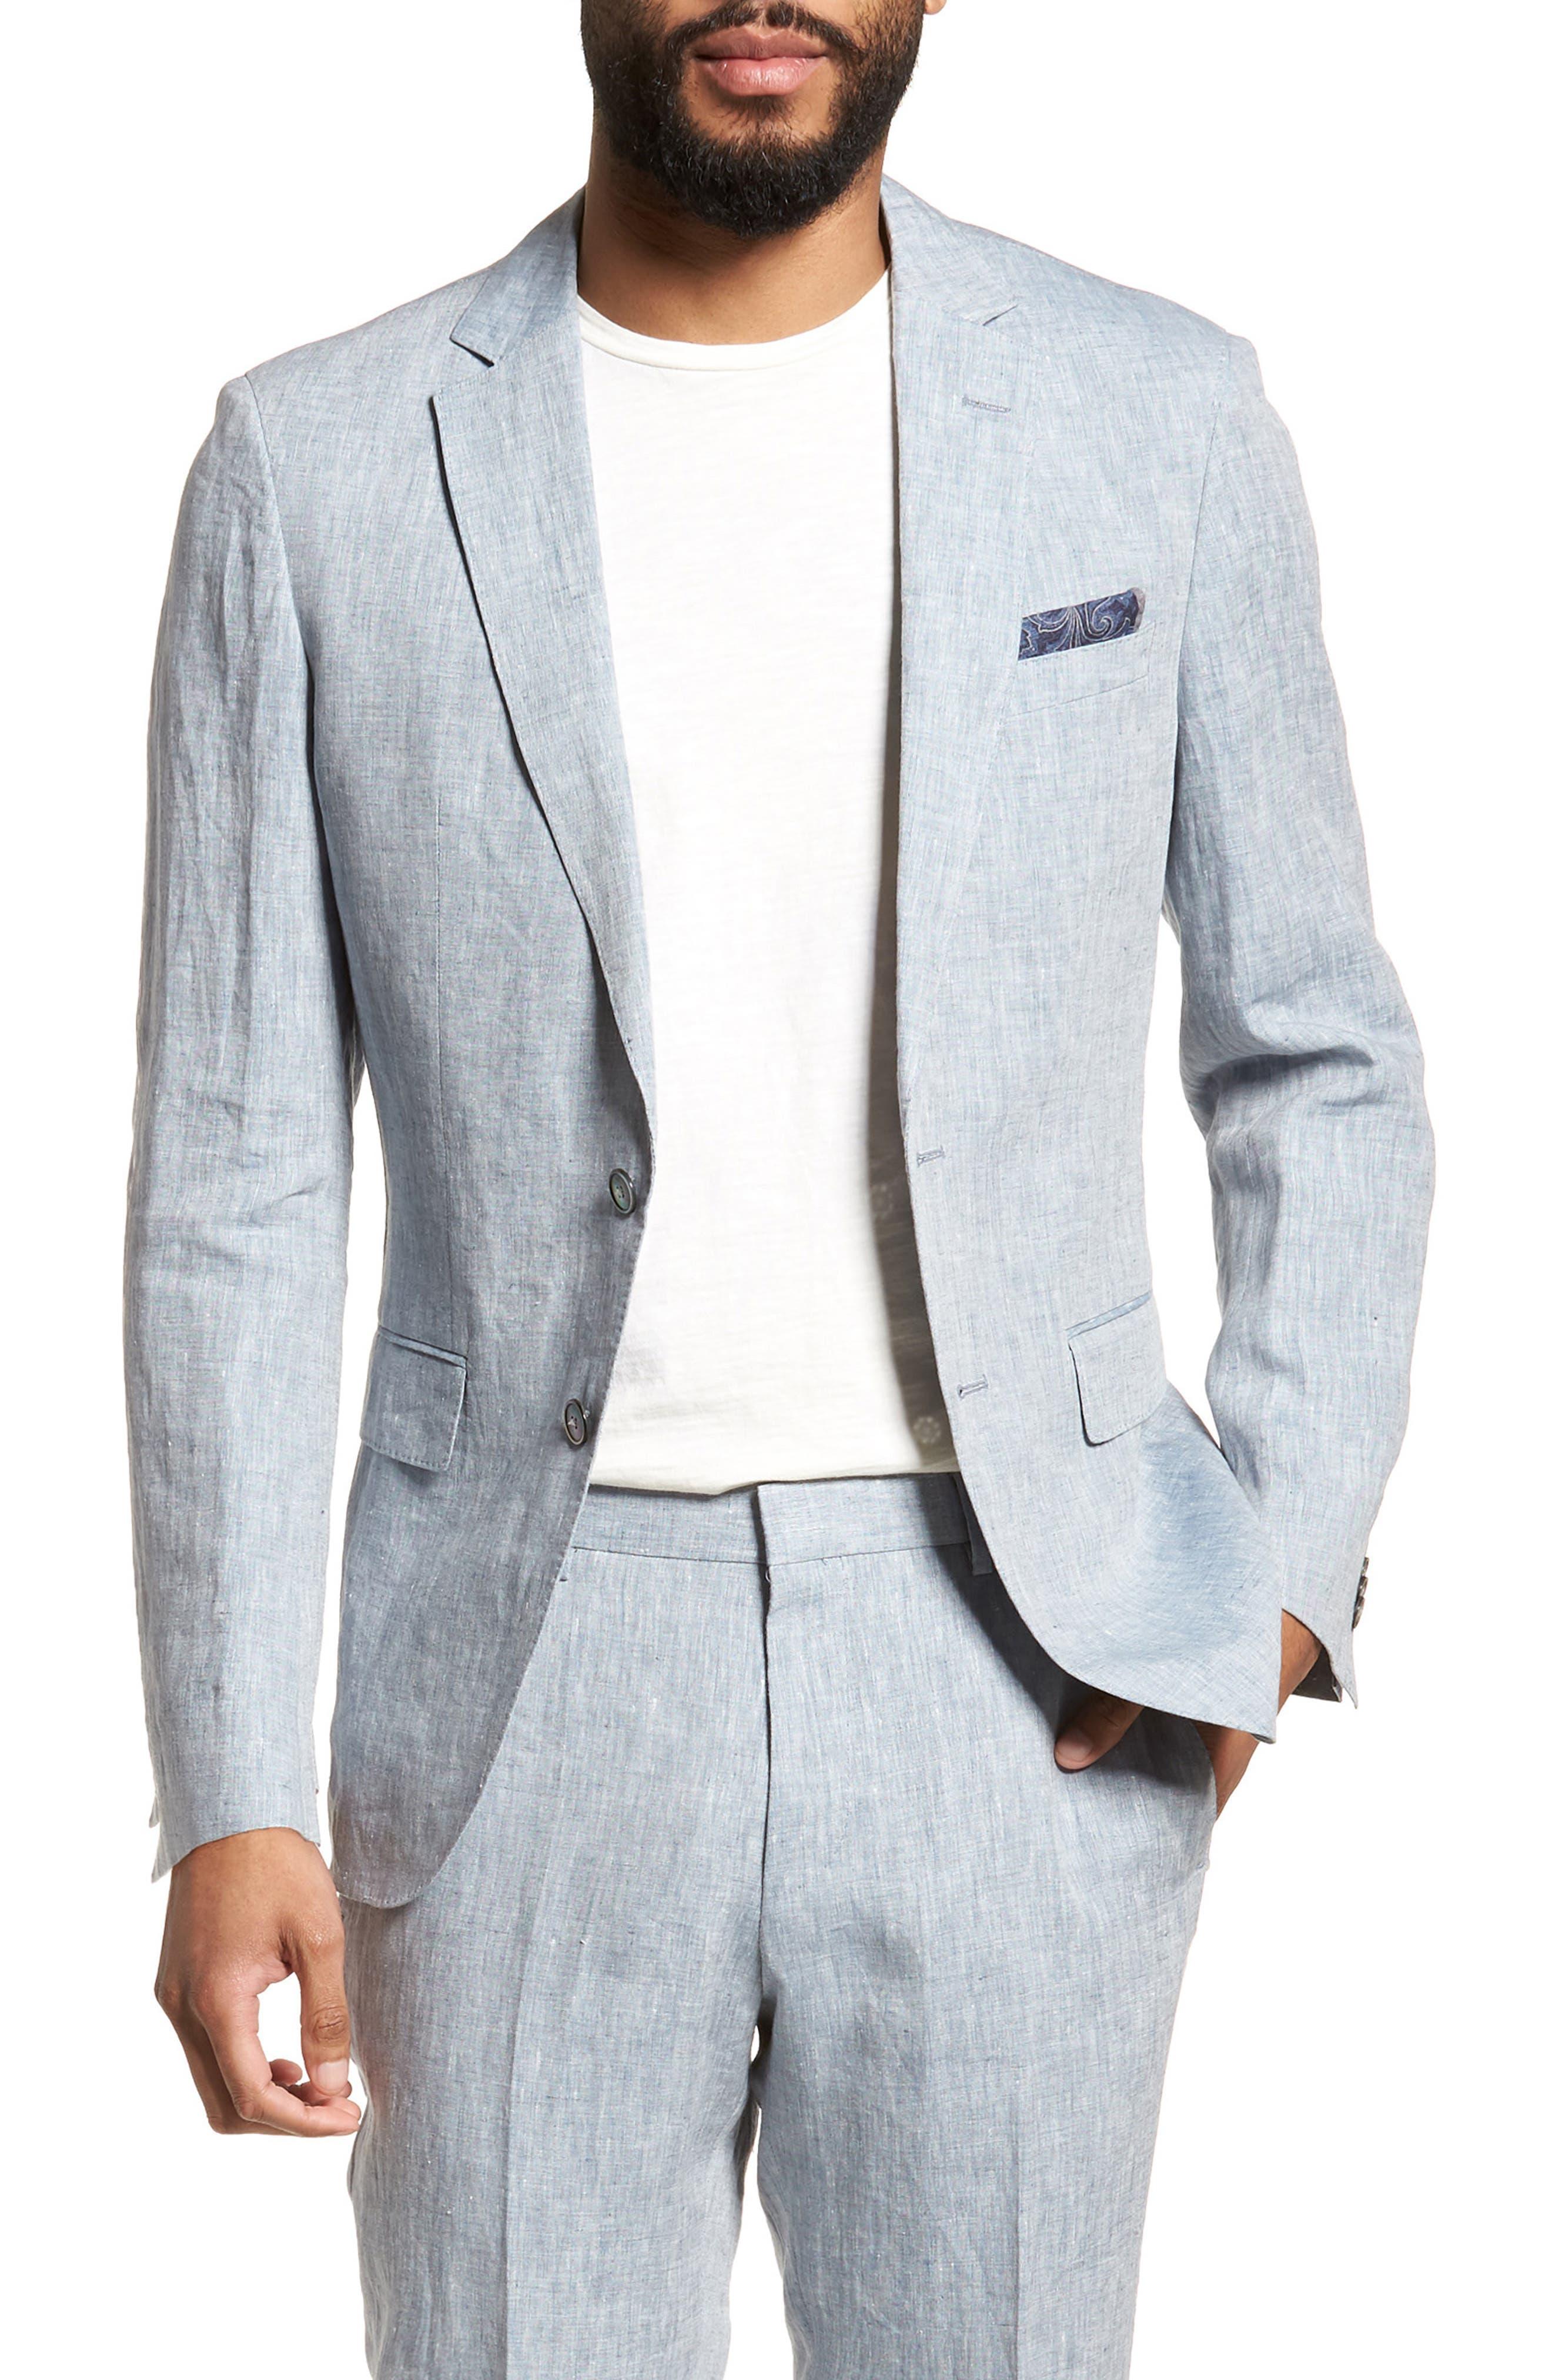 Helford/Gander Trim Fit Solid Linen Suit,                             Alternate thumbnail 5, color,                             Light Blue